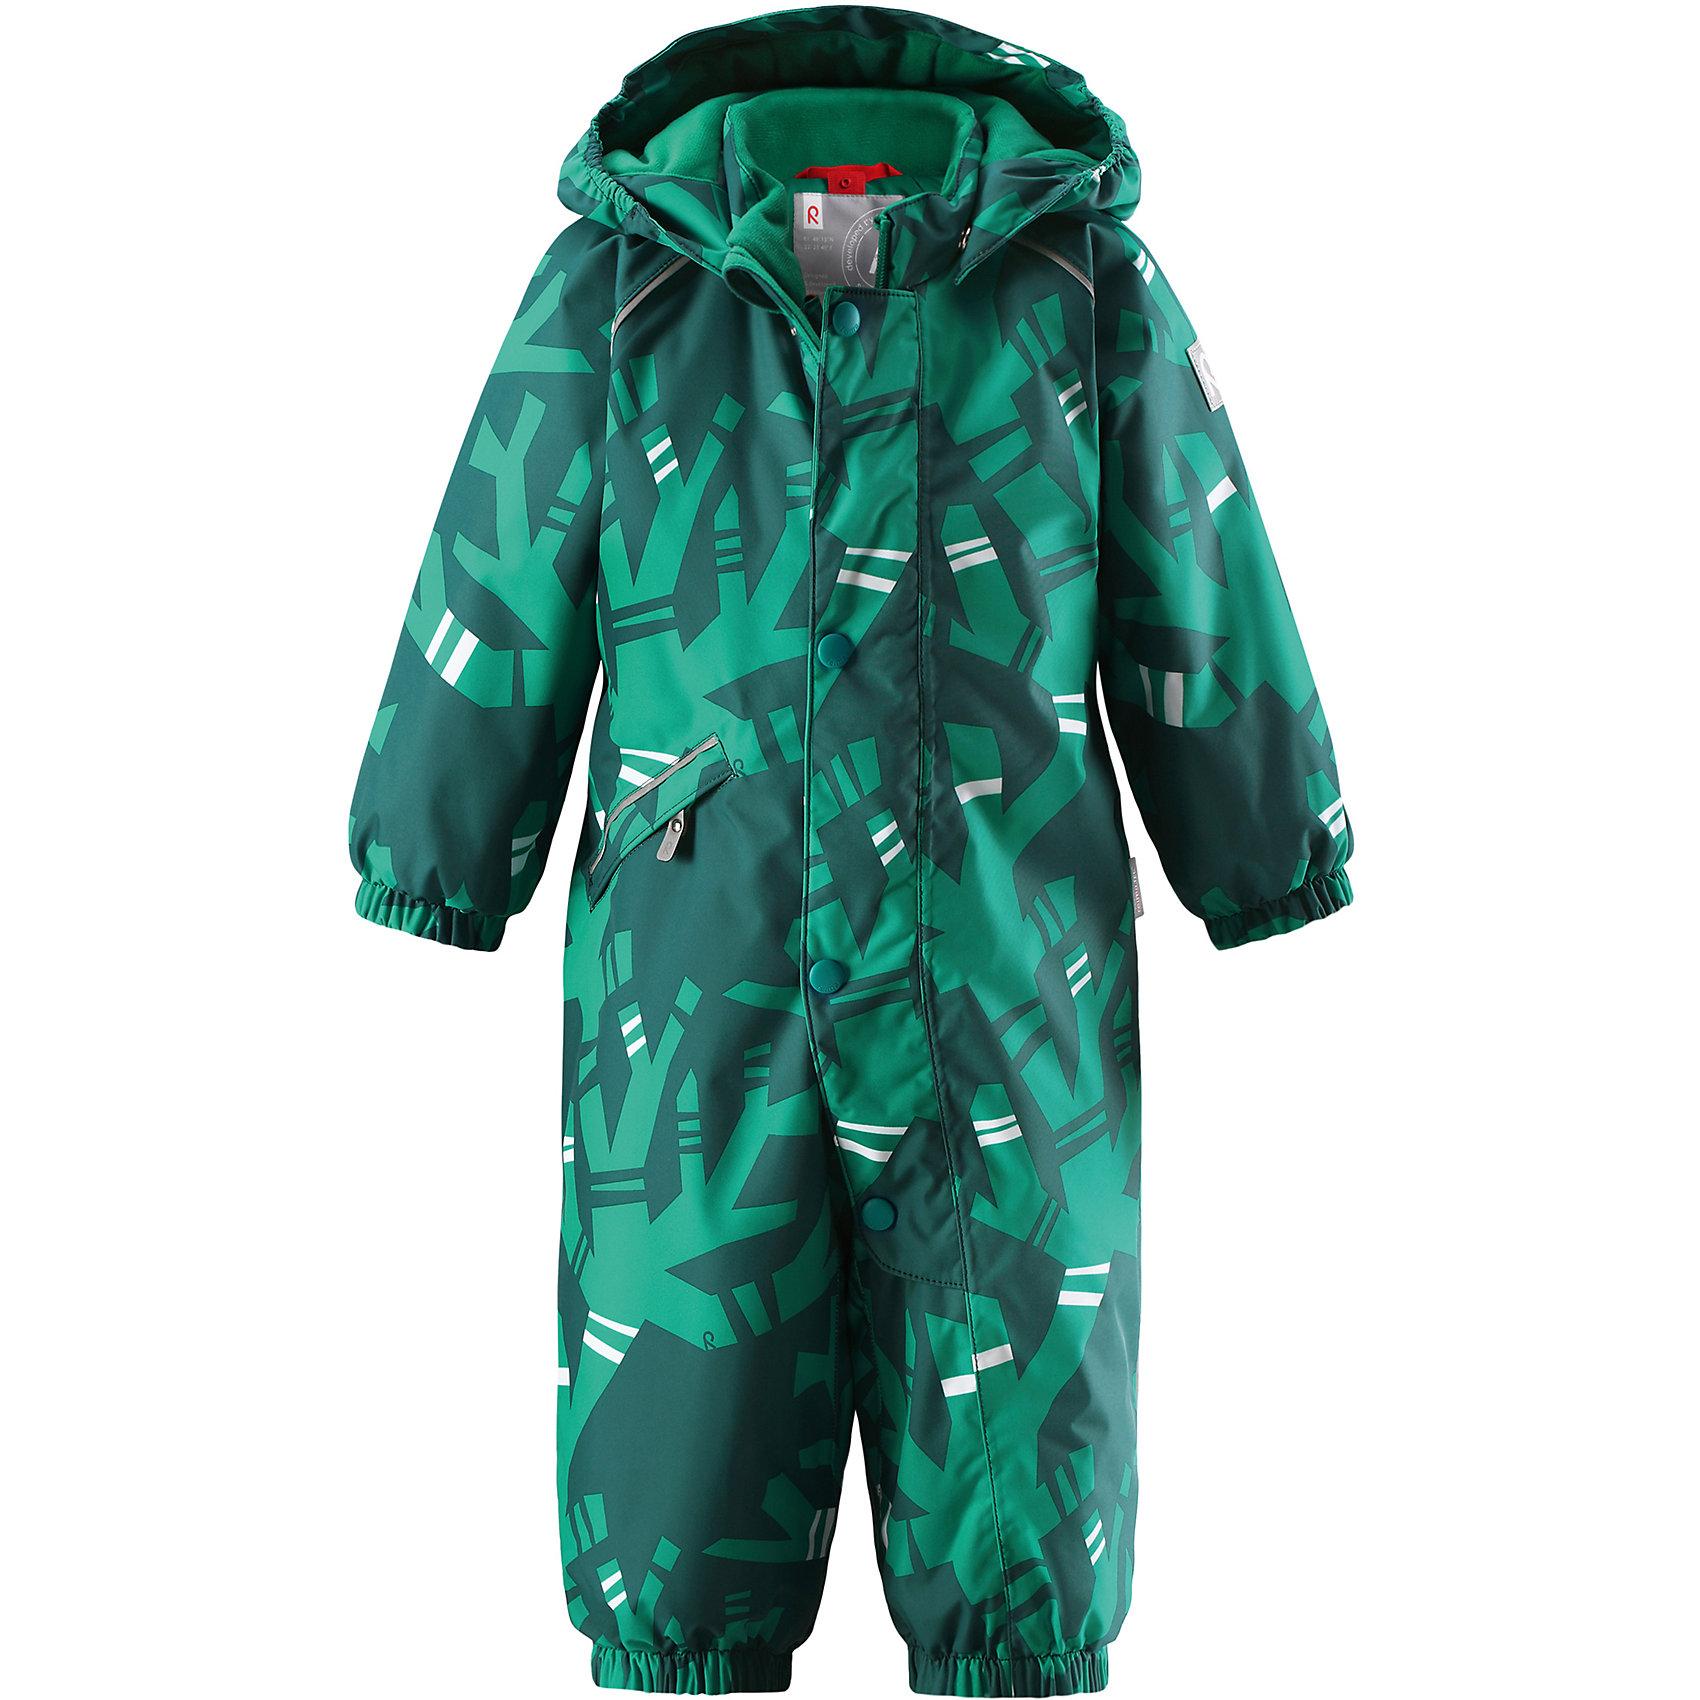 Комбинезон Reima Reimatec® Suo для мальчикаОдежда<br>Характеристики товара:<br><br>• цвет: зеленый<br>• состав: 100% полиэстер<br>• утеплитель: 160 г/м2 (soft loft insulation)<br>• сезон: зима<br>• температурный режим: от 0 до -20С<br>• водонепроницаемость: 15000 мм<br>• воздухопроницаемость: 7000 мм<br>• износостойкость: 35000 циклов (тест Мартиндейла)<br>• особенности модели: с рисунком<br>• основные швы проклеены и не пропускают влагу<br>• водо- и ветронепроницаемый, дышащий и грязеотталкивающий материал<br>• утепленная задняя часть изделия<br>• гладкая подкладка из полиэстера<br>• безопасный, съемный, регулируемый капюшон<br>• защита подбородка от защемления<br>• эластичные манжеты и штанины<br>• эластичная талия<br>• съемные эластичные штрипки <br>• длинная молния для легкого надевания<br>• дополнительная планка с кнопками<br>• карман на молнии<br>• светоотражающие детали<br>• страна бренда: Финляндия<br>• страна изготовитель: Китай<br><br>Зимний комбинезон на молнии для мальчика! Основные швы комбинезона проклеены, а сам он изготовлен из водо и ветронепроницаемого, грязеотталкивающего материала. Утепленная задняя часть обеспечит дополнительное утепление во время игр в снегу.<br><br>Гладкая подкладка и длинная молния облегчают надевание. Маленький карман на молнии надежно сохранит все сокровища. Обратите внимание: комбинезон можно сушить в сушильной машине. Зимний комбинезон с капюшоном для мальчика декорирован абстрактным рисунком.<br><br>Комбинезон Suo для мальчика Reimatec® Reima от финского бренда Reima (Рейма) можно купить в нашем интернет-магазине.<br><br>Ширина мм: 356<br>Глубина мм: 10<br>Высота мм: 245<br>Вес г: 519<br>Цвет: зеленый<br>Возраст от месяцев: 6<br>Возраст до месяцев: 9<br>Пол: Мужской<br>Возраст: Детский<br>Размер: 74,98,92,86,80<br>SKU: 6908122